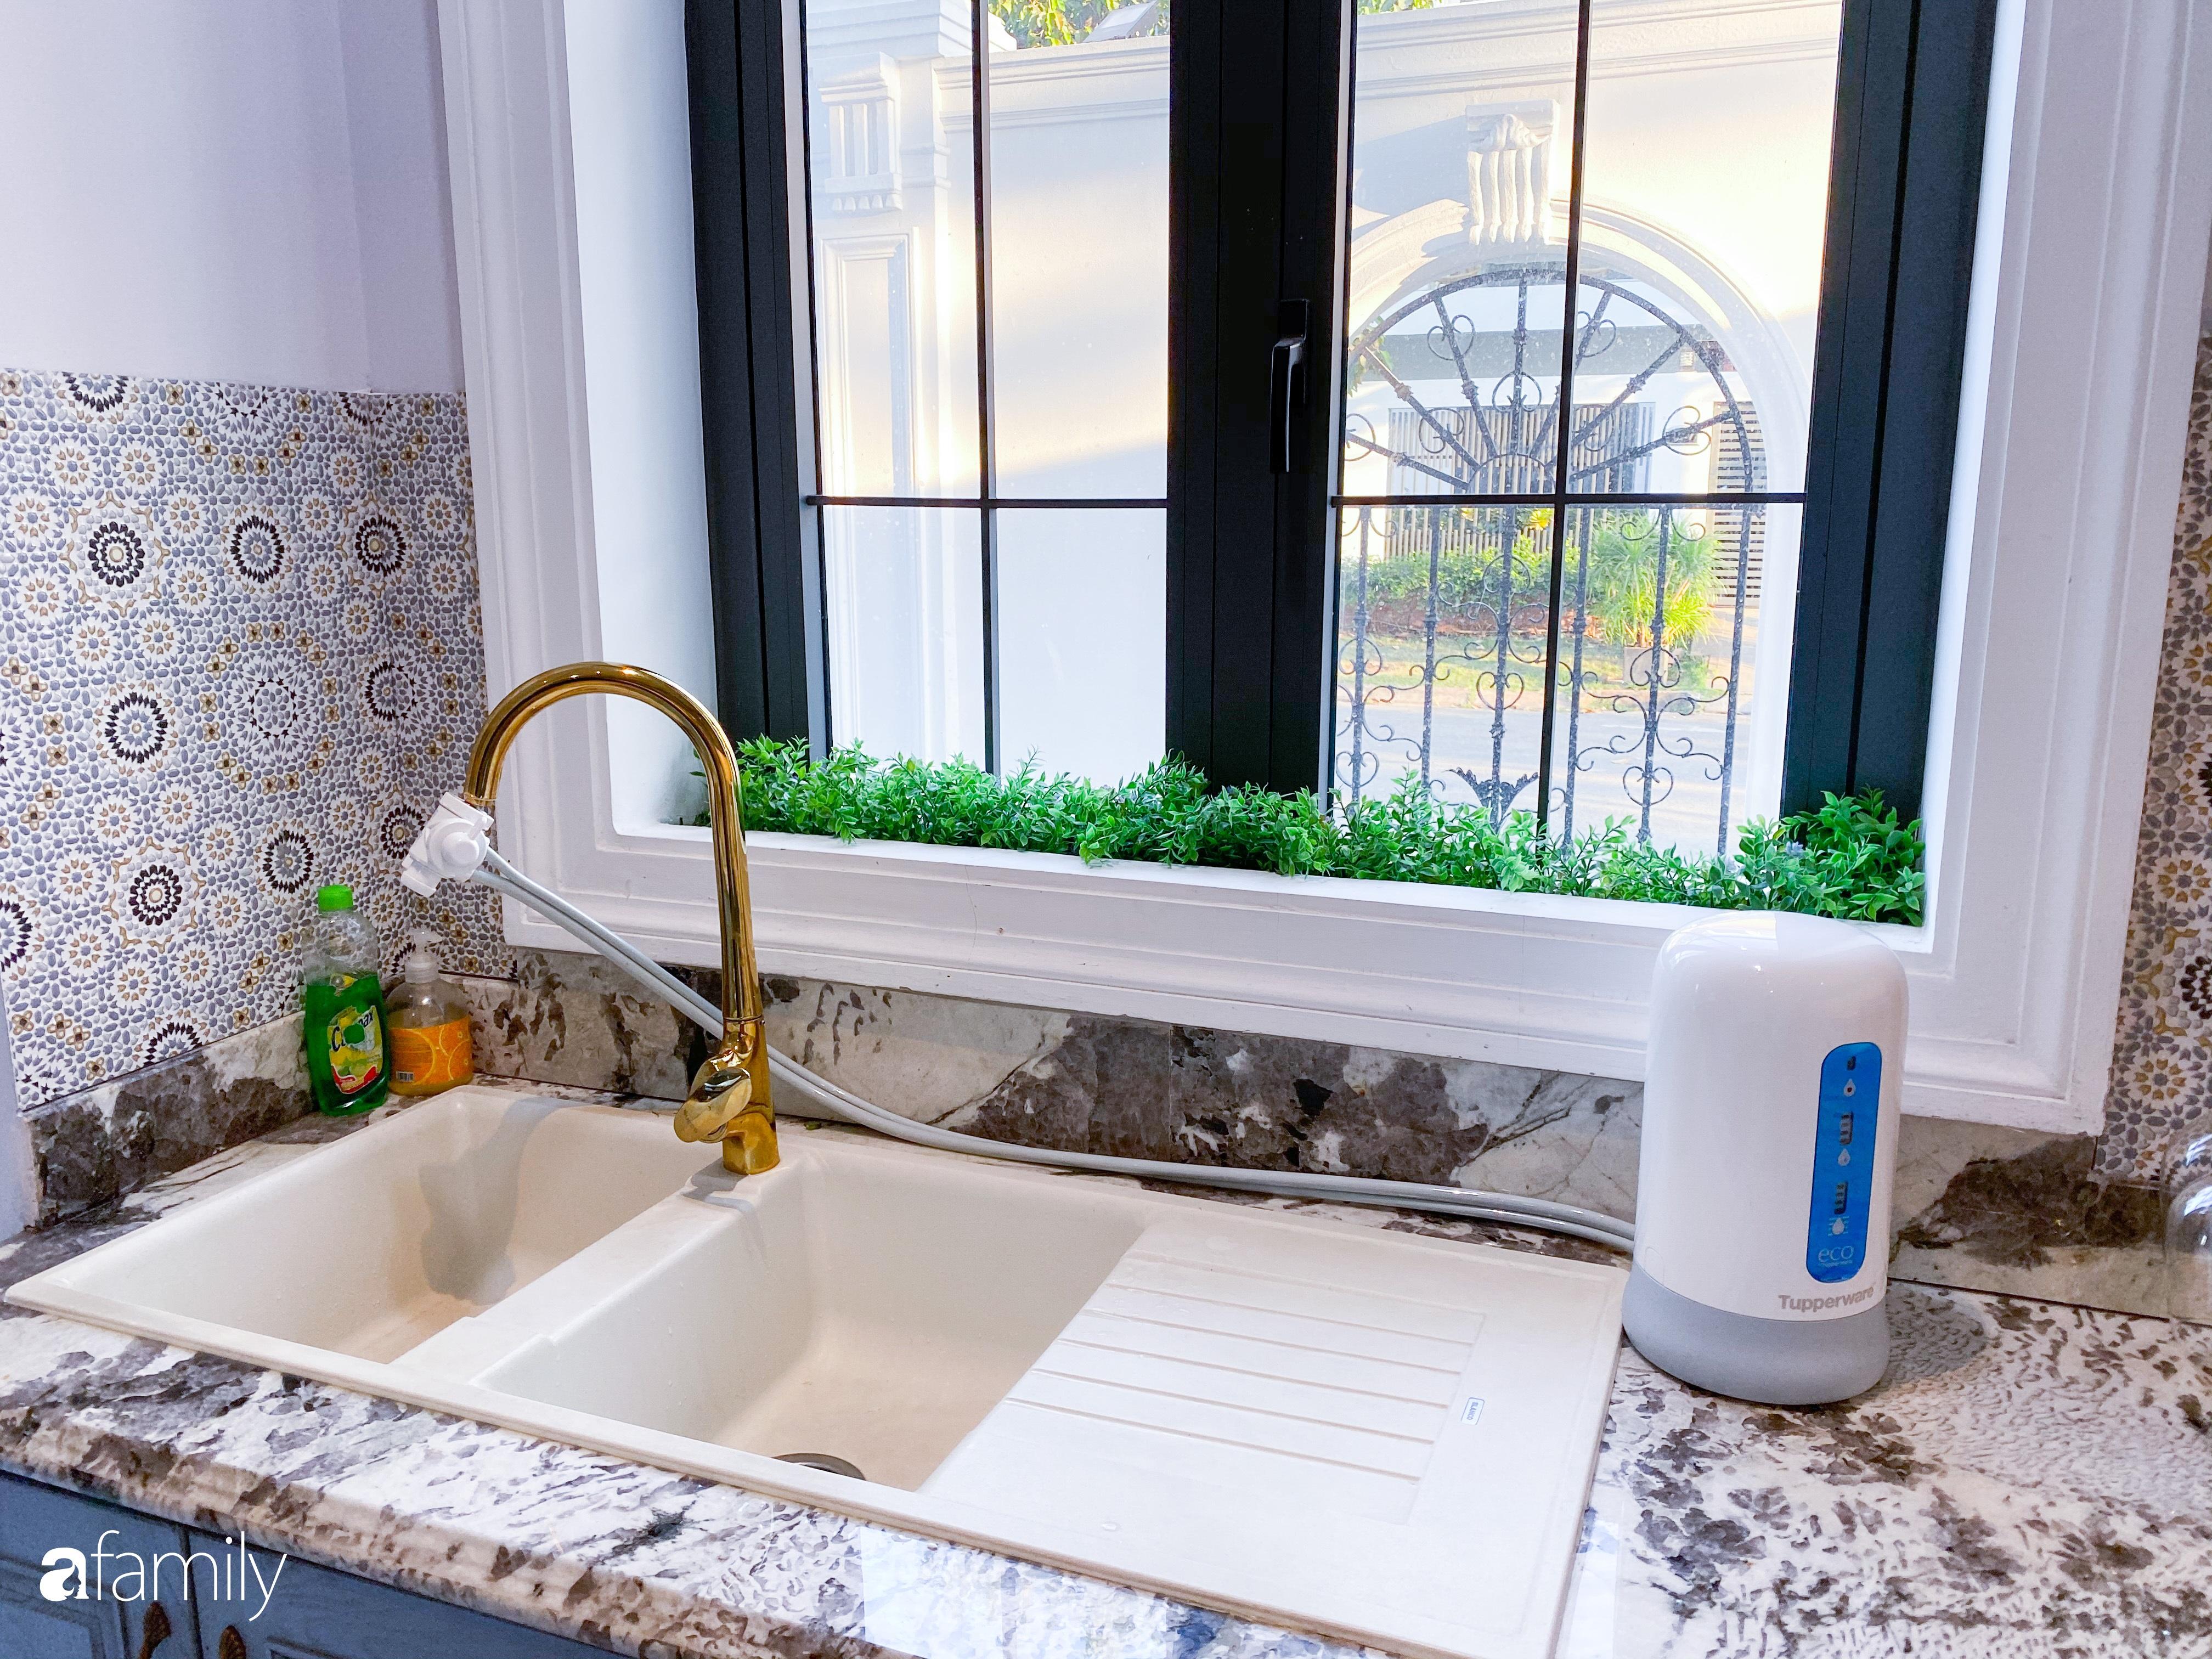 """""""Nghiện"""" sắm đồ bếp, hot mom Thủy Anh vợ Đăng Khôi tự decor không gian nấu nướng đẹp sang chảnh ngút ngàn - Ảnh 17."""